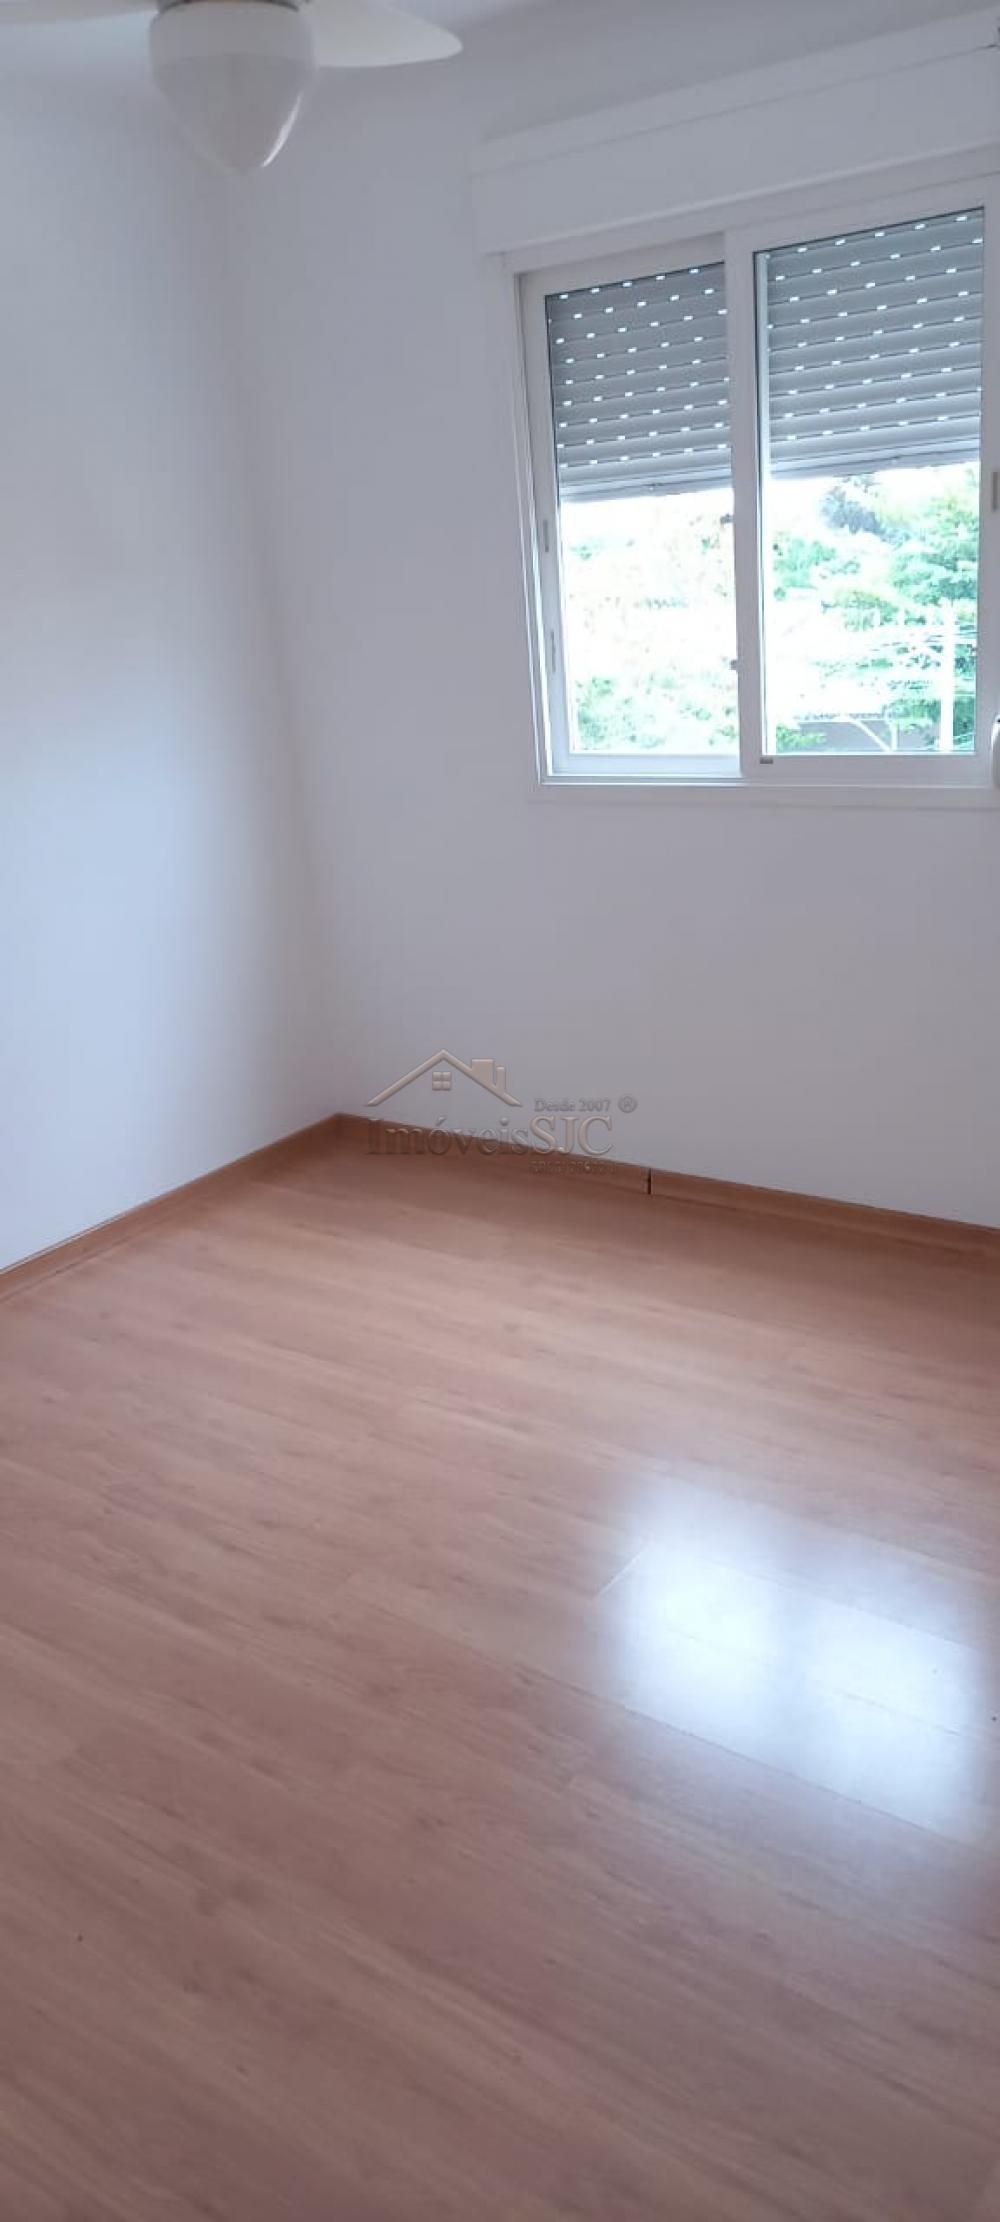 Comprar Apartamentos / Padrão em São José dos Campos apenas R$ 270.000,00 - Foto 9